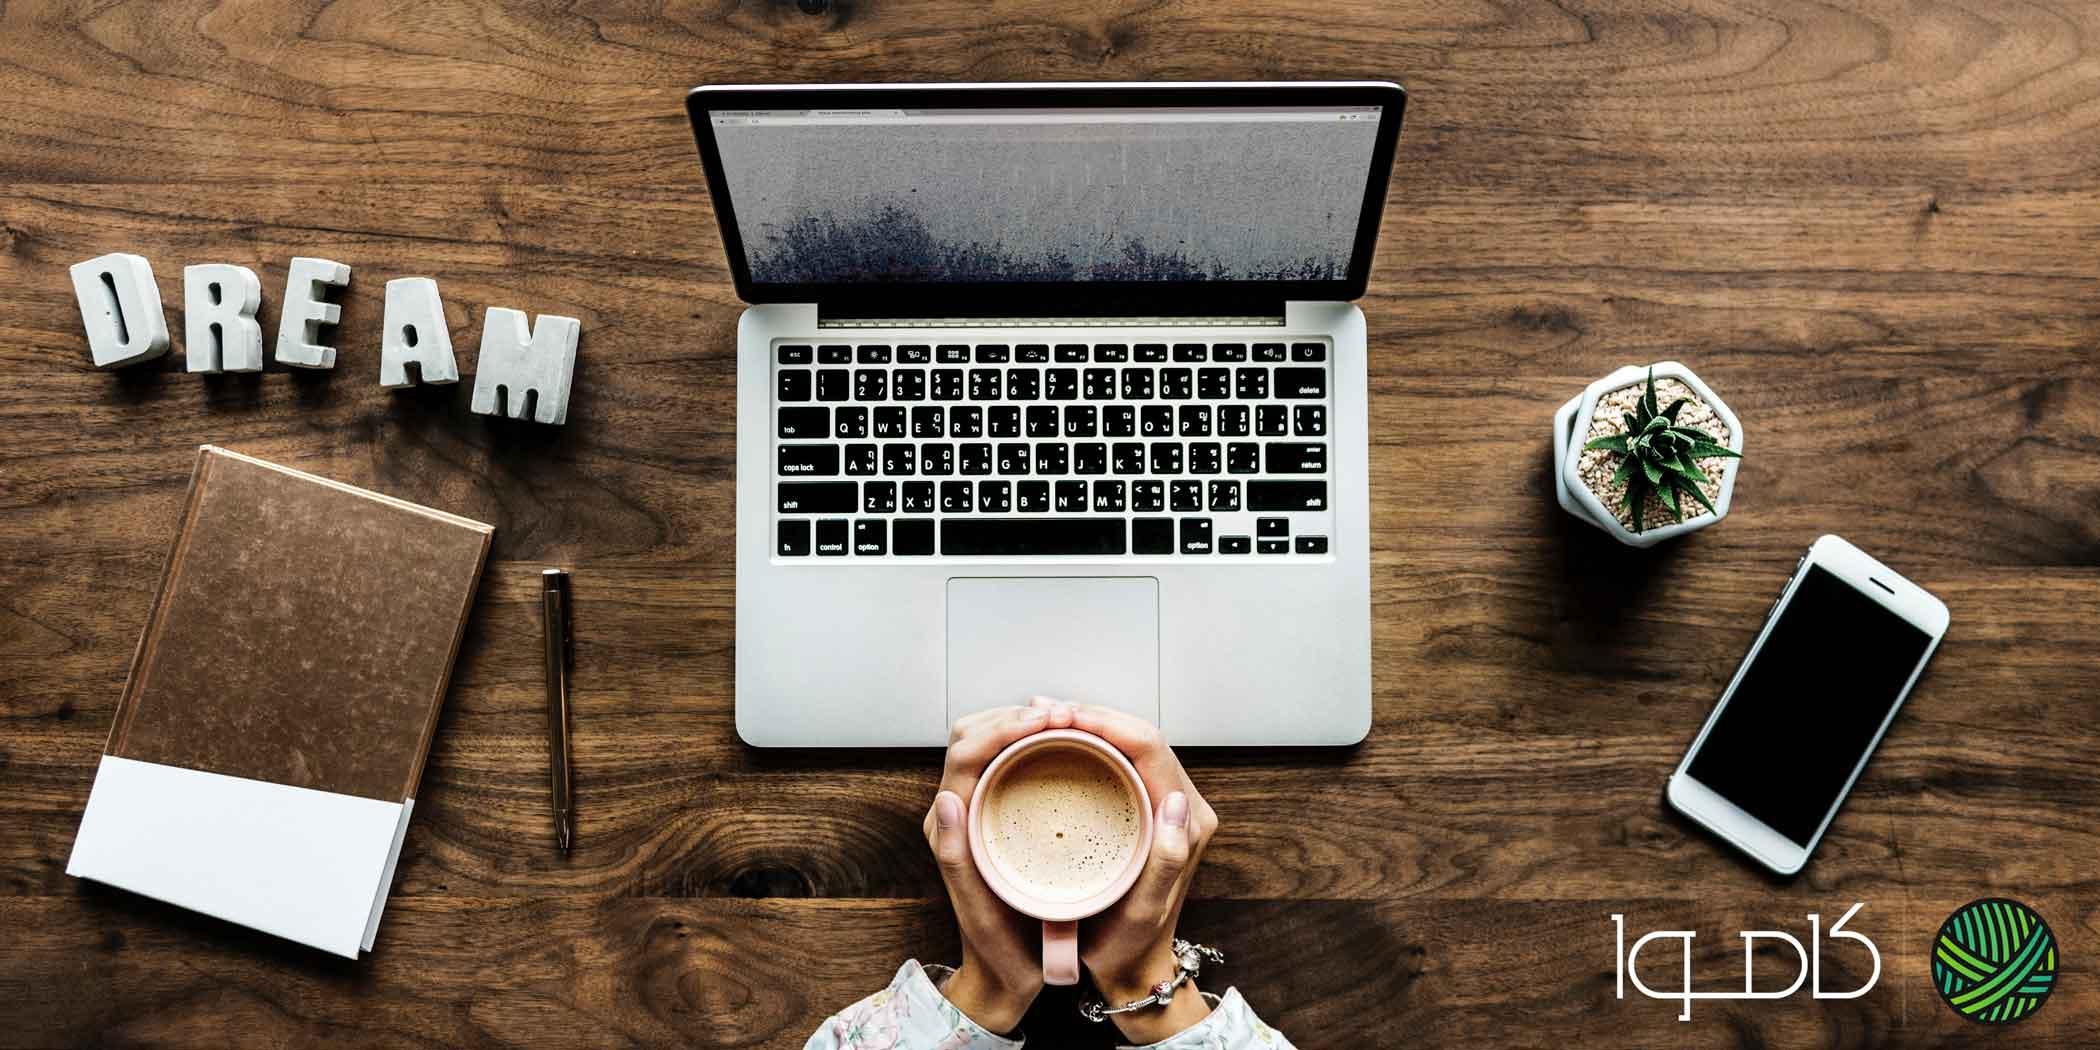 ۱۰ کارآفرین با سابقه کاری عجیب